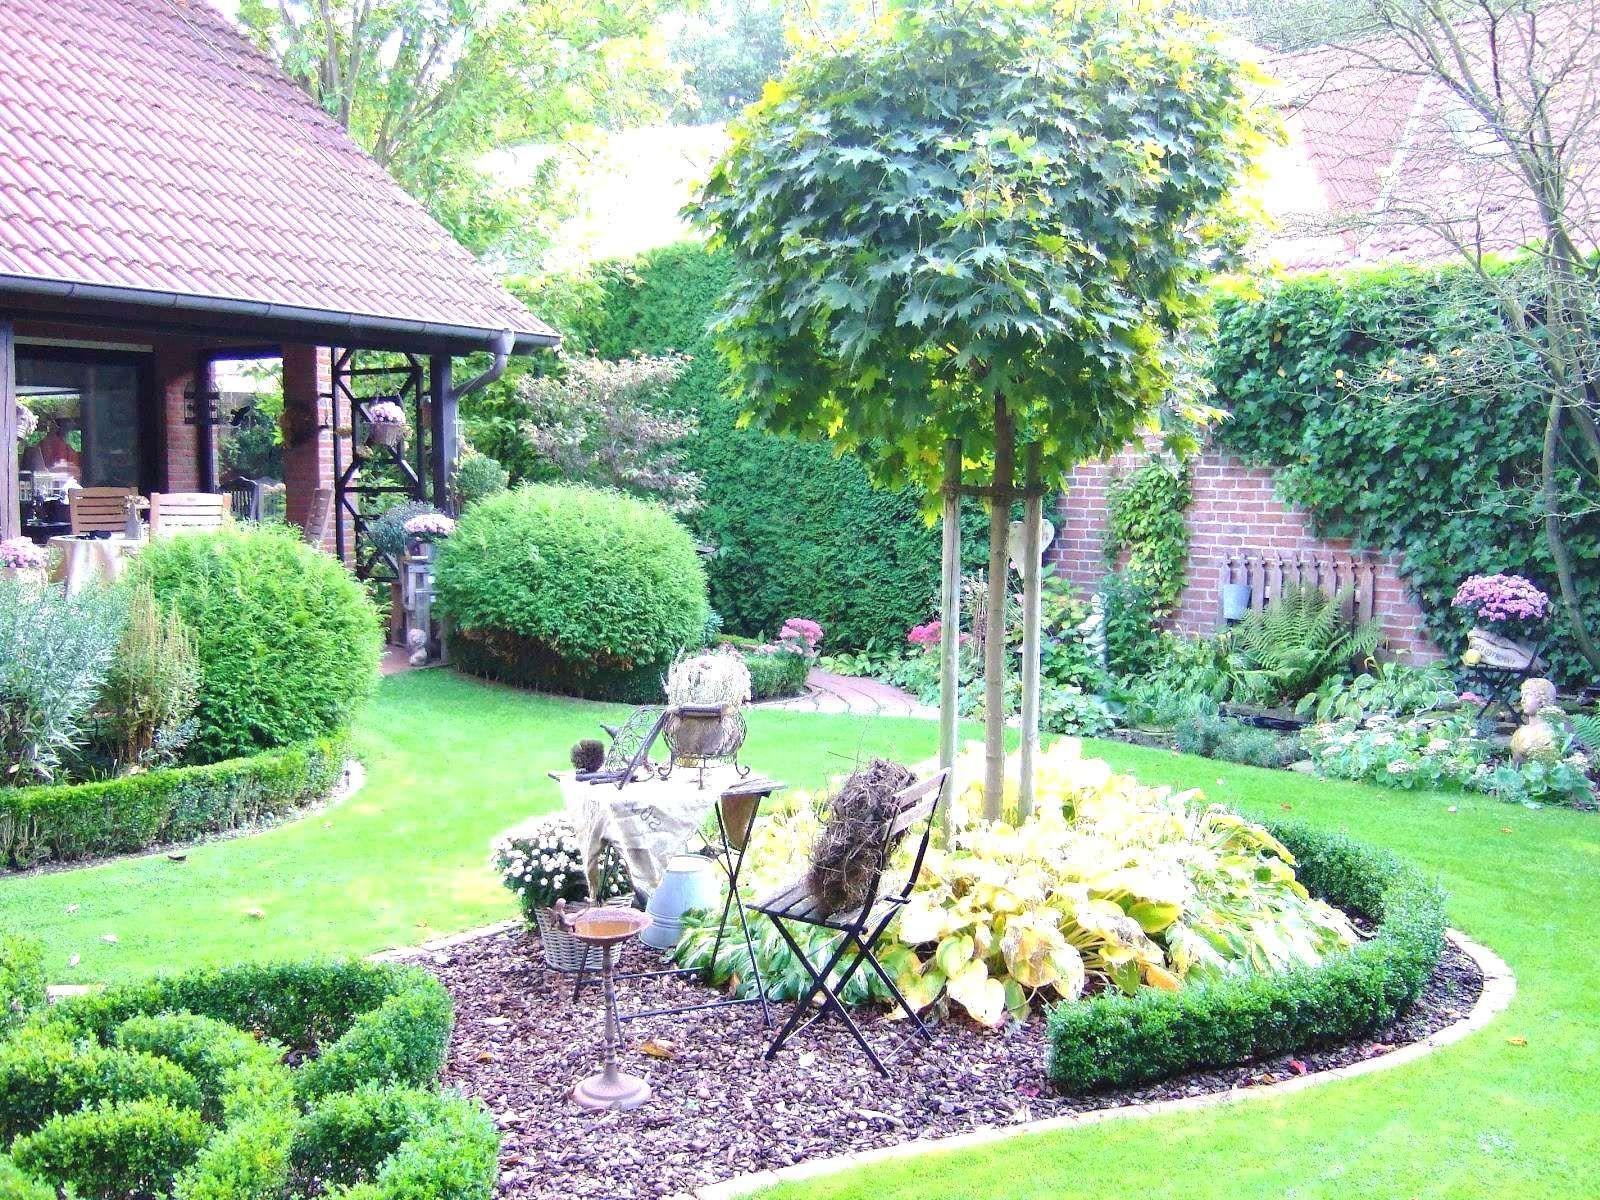 Bepflanzung Garten Schön Garten Ideas Garten Anlegen Inspirational Aussenleuchten